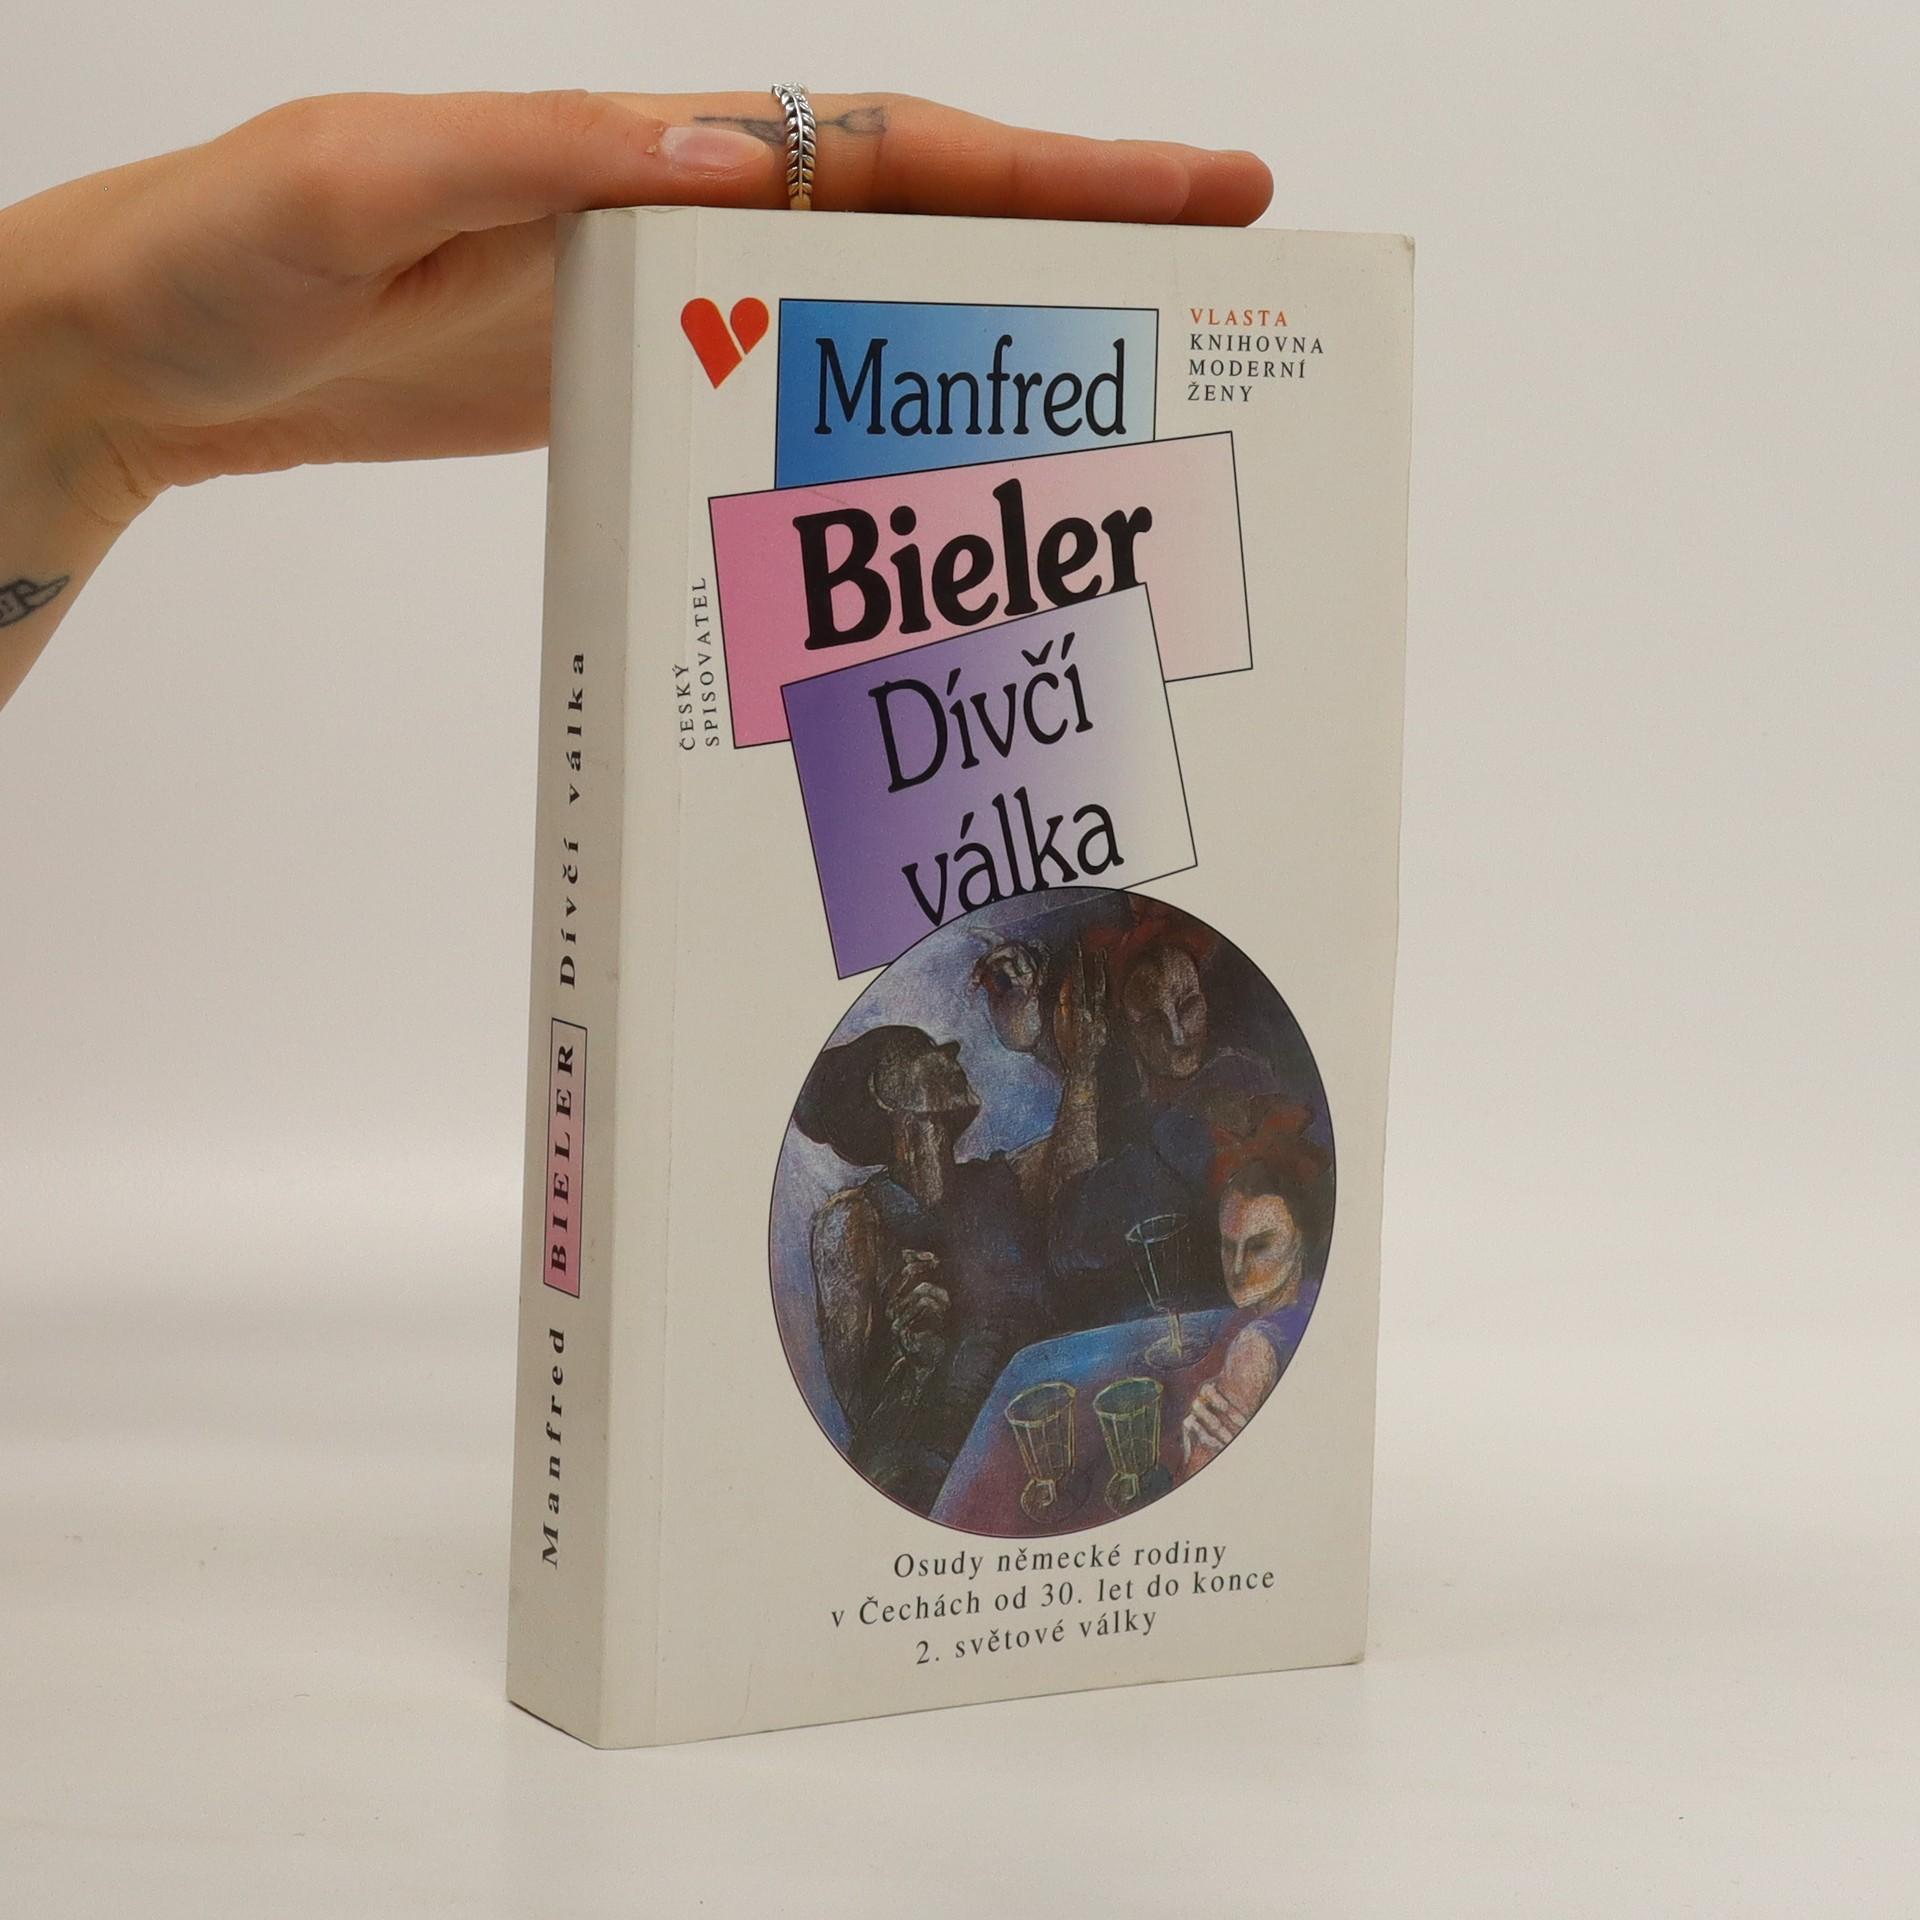 antikvární kniha Dívčí válka. Osudy německé rodiny v Čechách od 30. let do konce 2. světové války, 1993